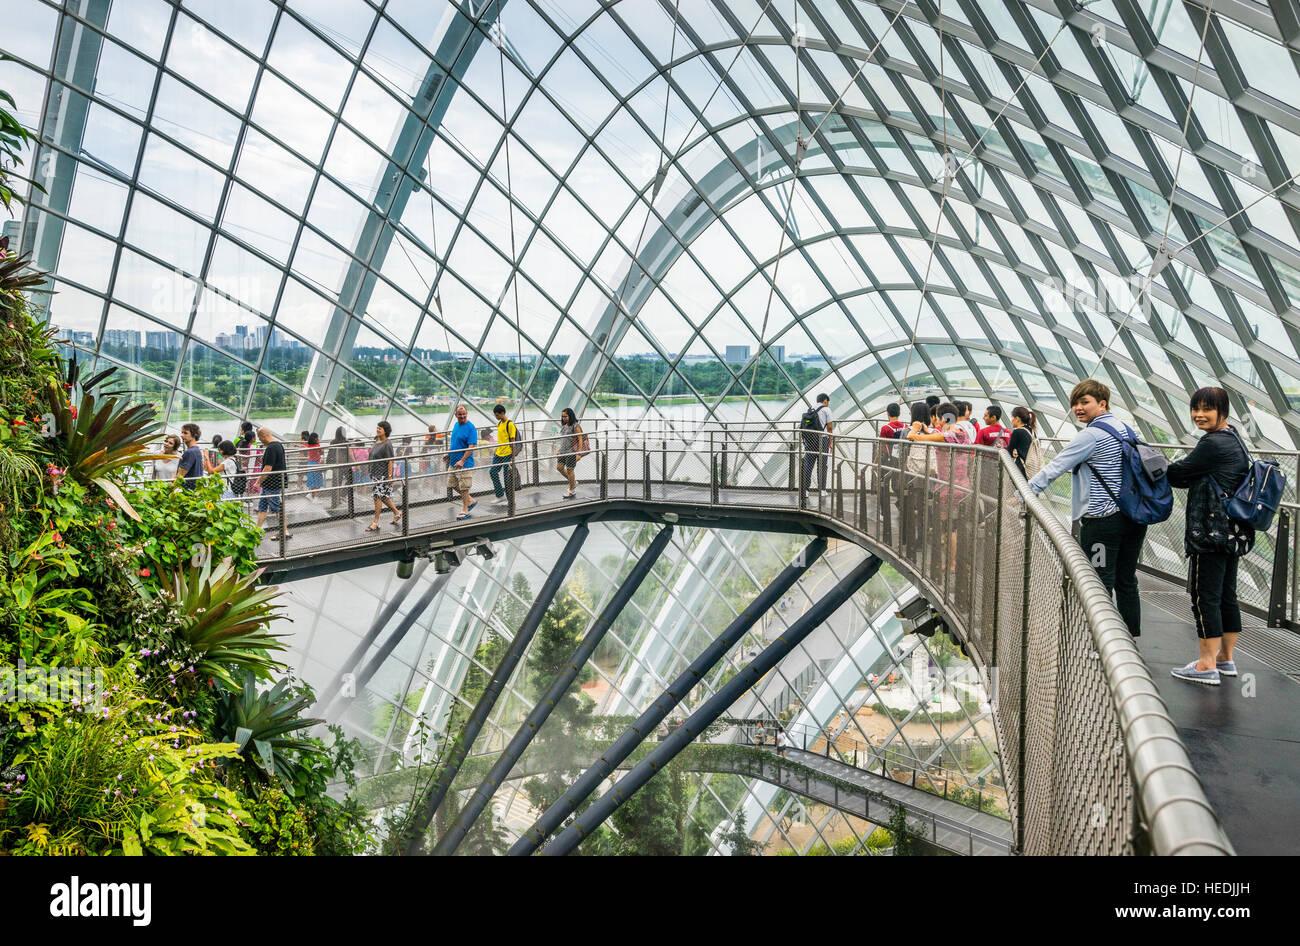 Singapur, Gärten an der Bucht, Cloud zu Fuß oben auf dem Berg von üppiger Vegetation innerhalb der Stockbild